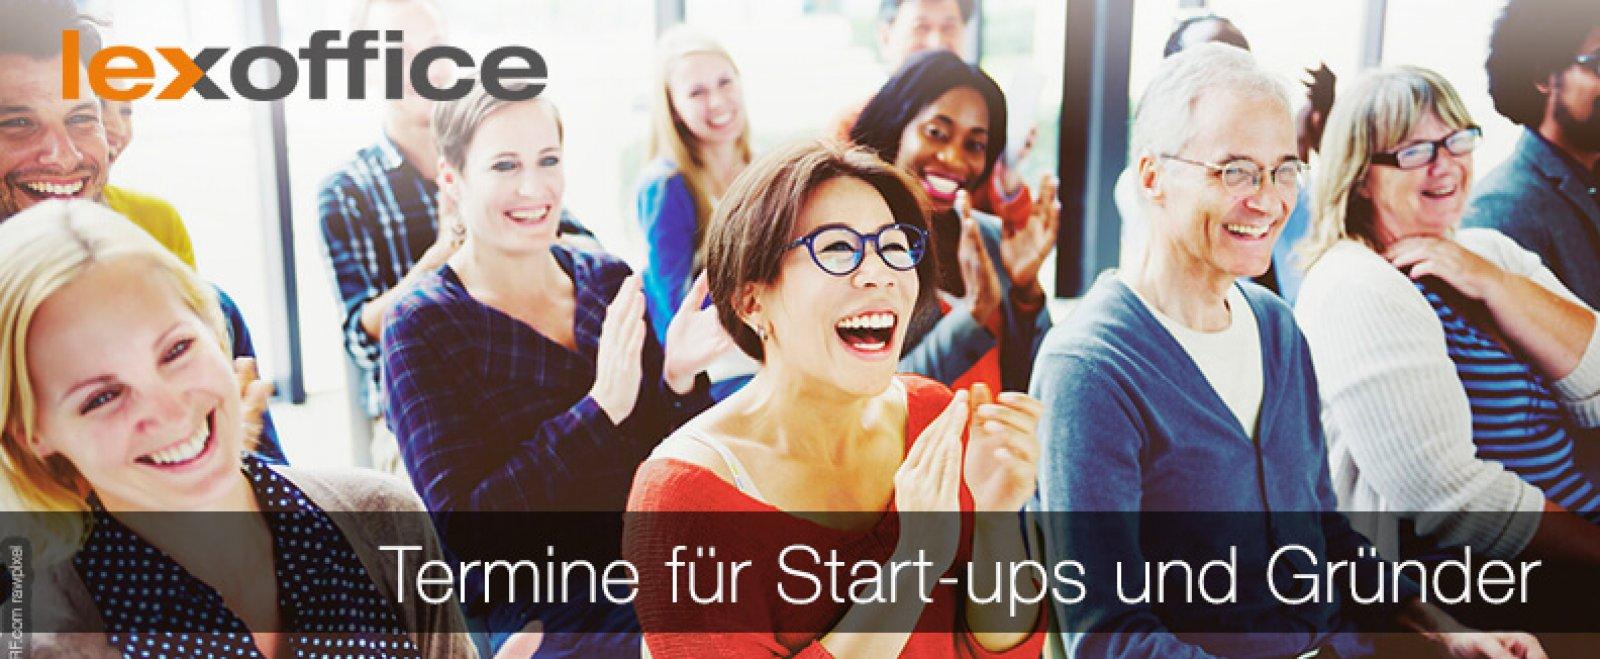 Networking- und Startup-Events im April 2017